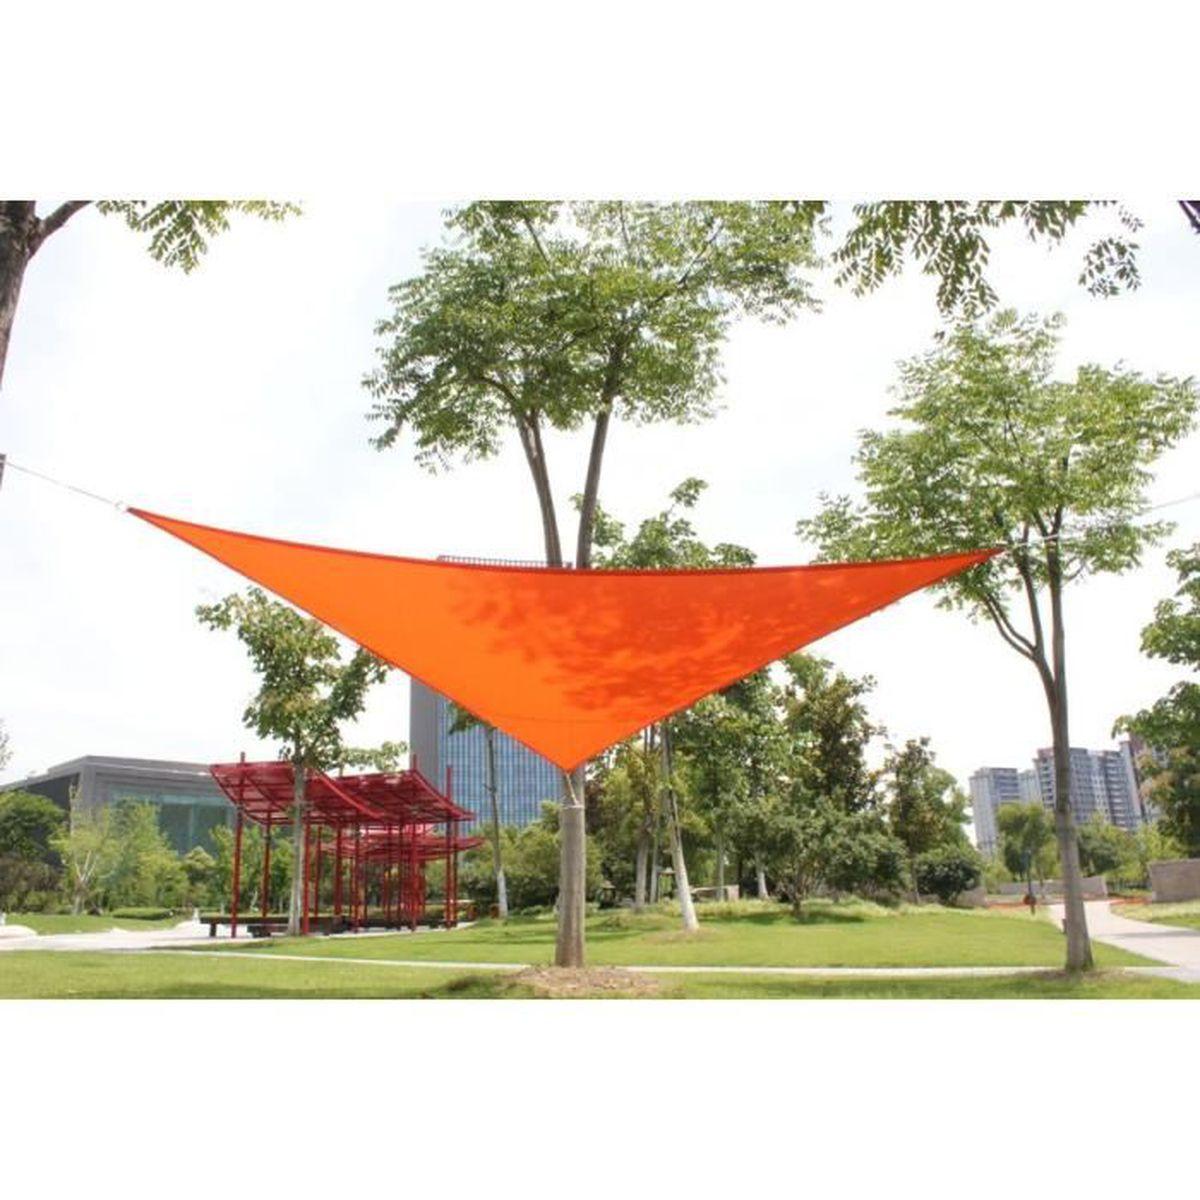 Voile D Ombrage Imperméable laxllent voile d'ombrage triangulaire 3x3x3m,toile d'ombrage anti uv en  100% polyester imperméable pour jardin&terrasse,orange